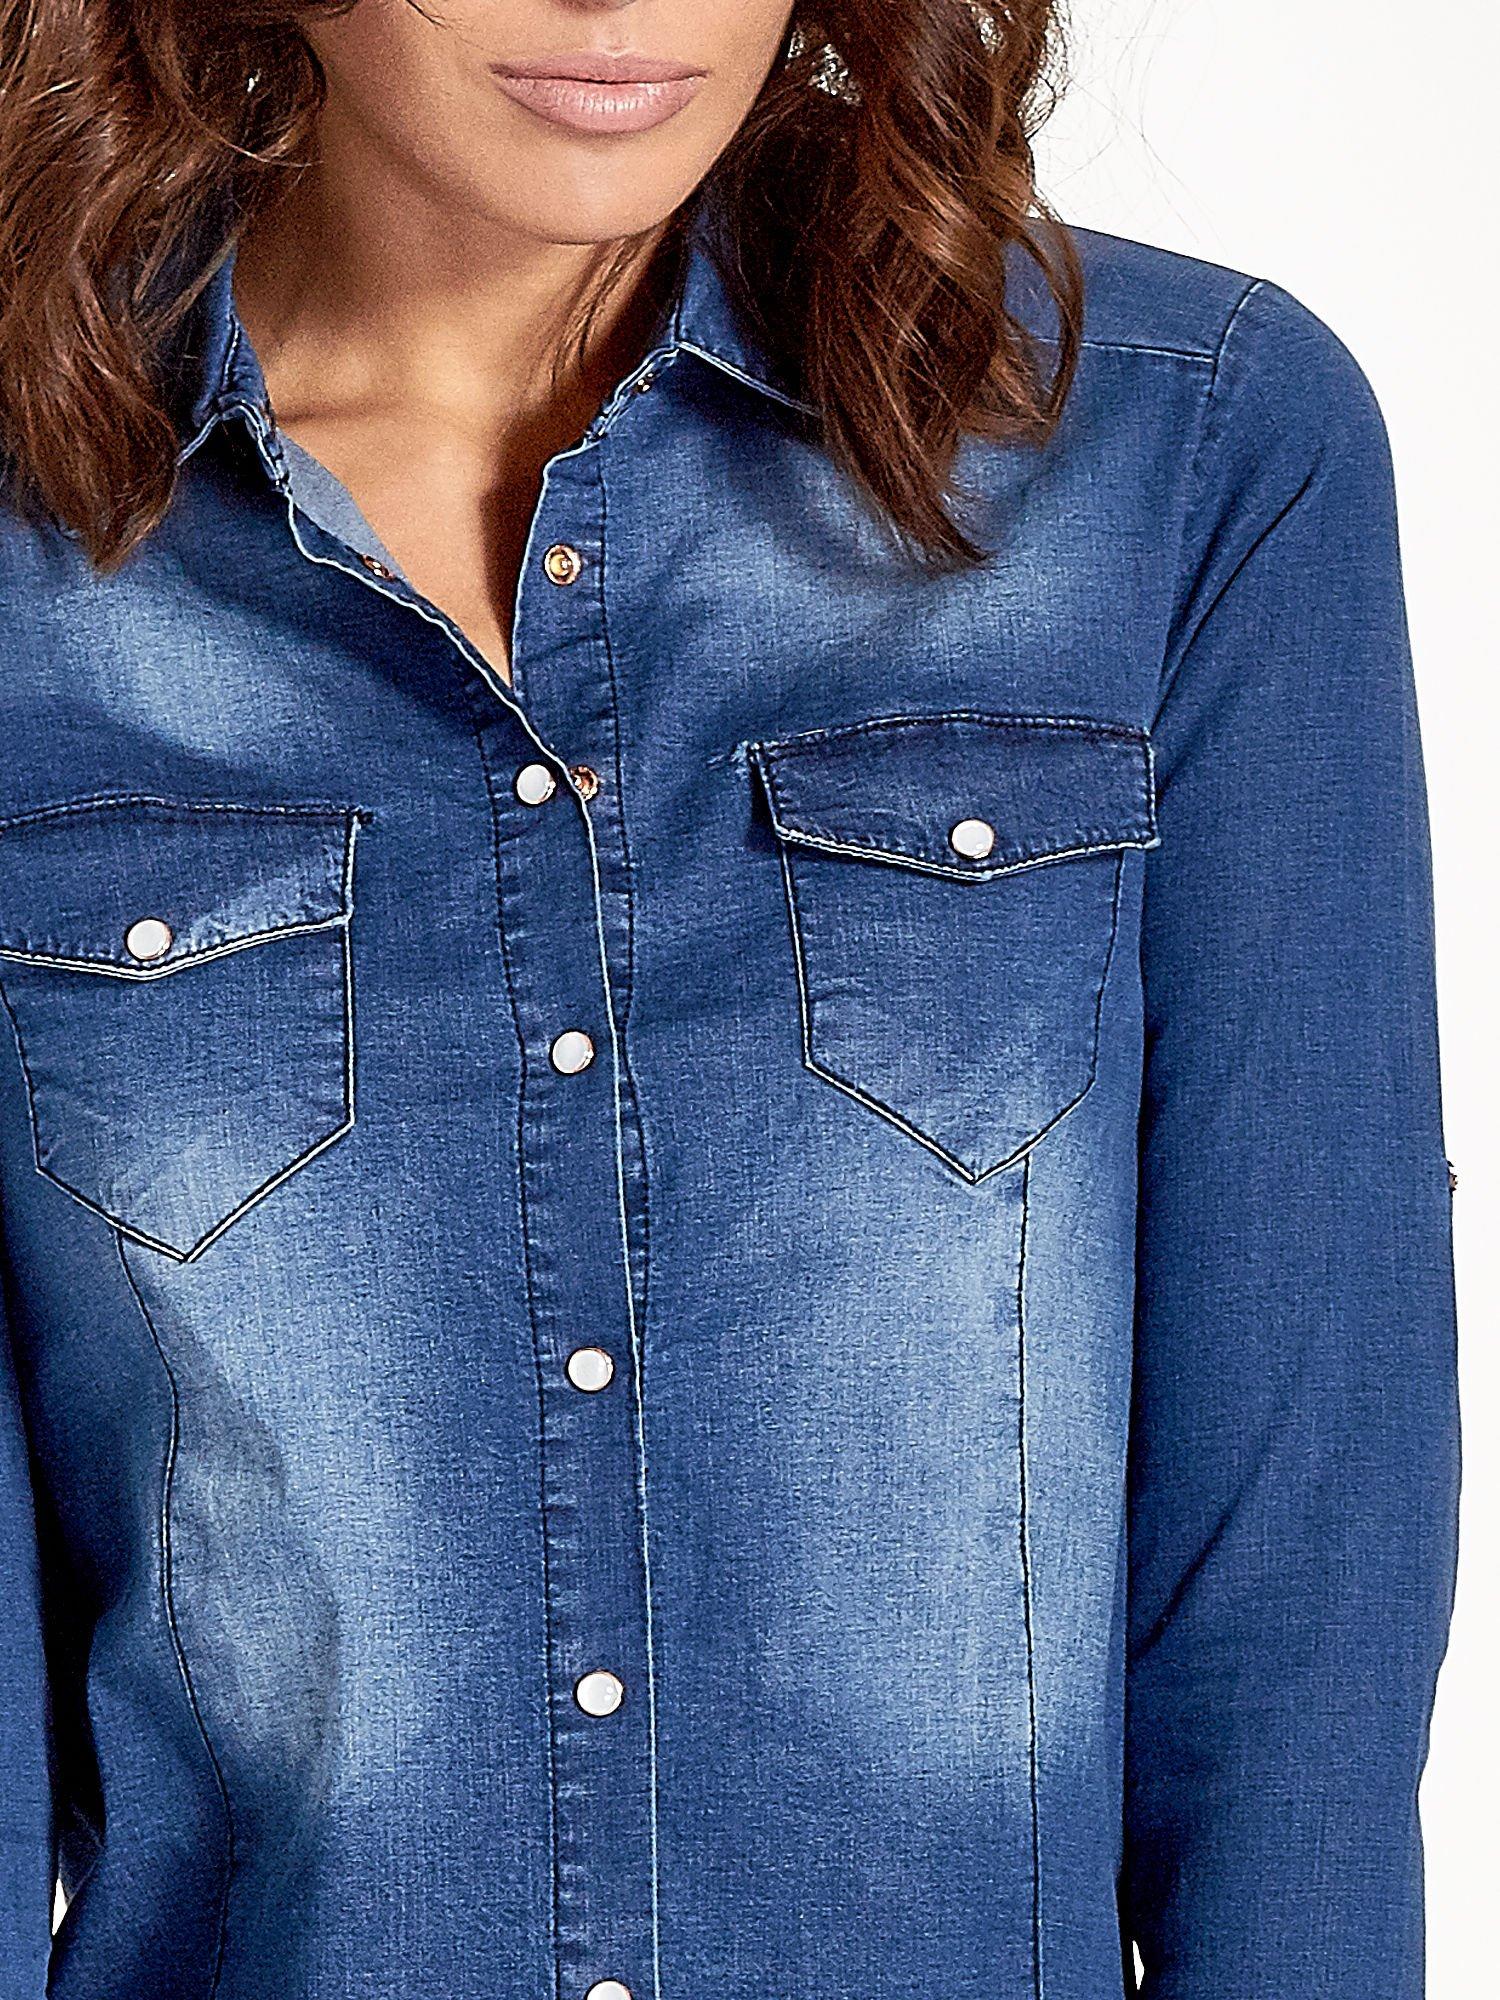 Ciemnoniebieska koszula jeansowa z cieniowaniem                                  zdj.                                  4